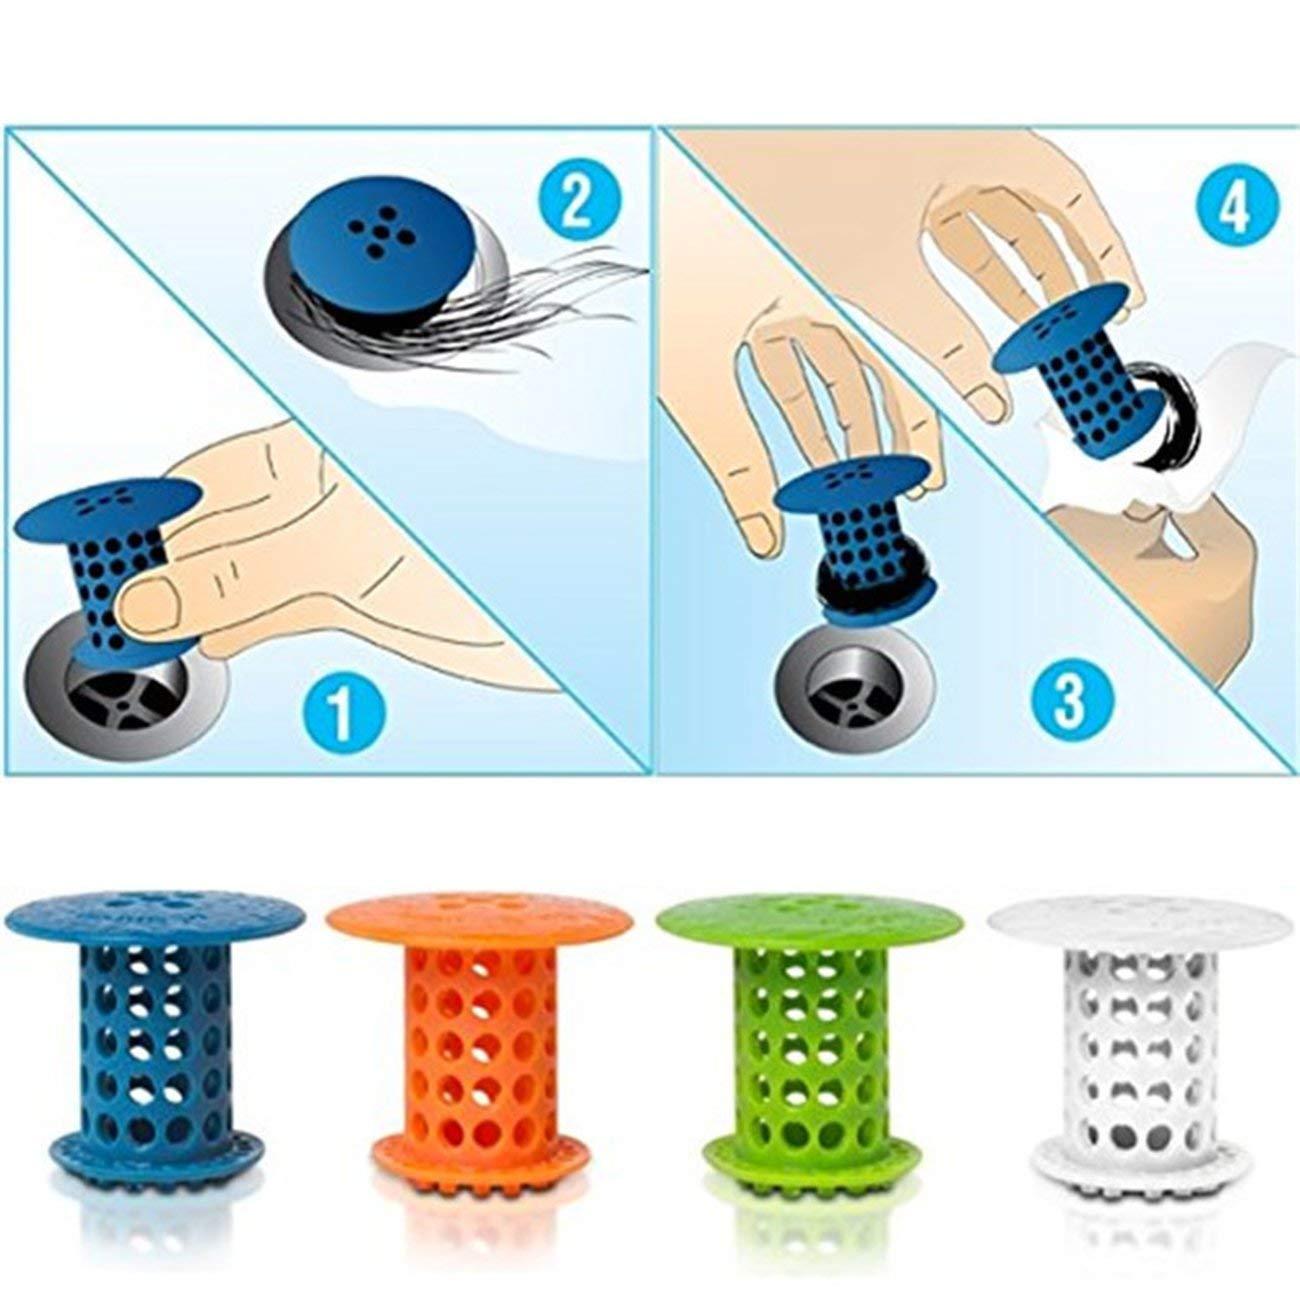 Elviray Silicone Home Kitchen Sink Strainer Tappo di Scarico Plug Utile Bagno Bacino Lavello Filtro di Scarico Leggero Pratico